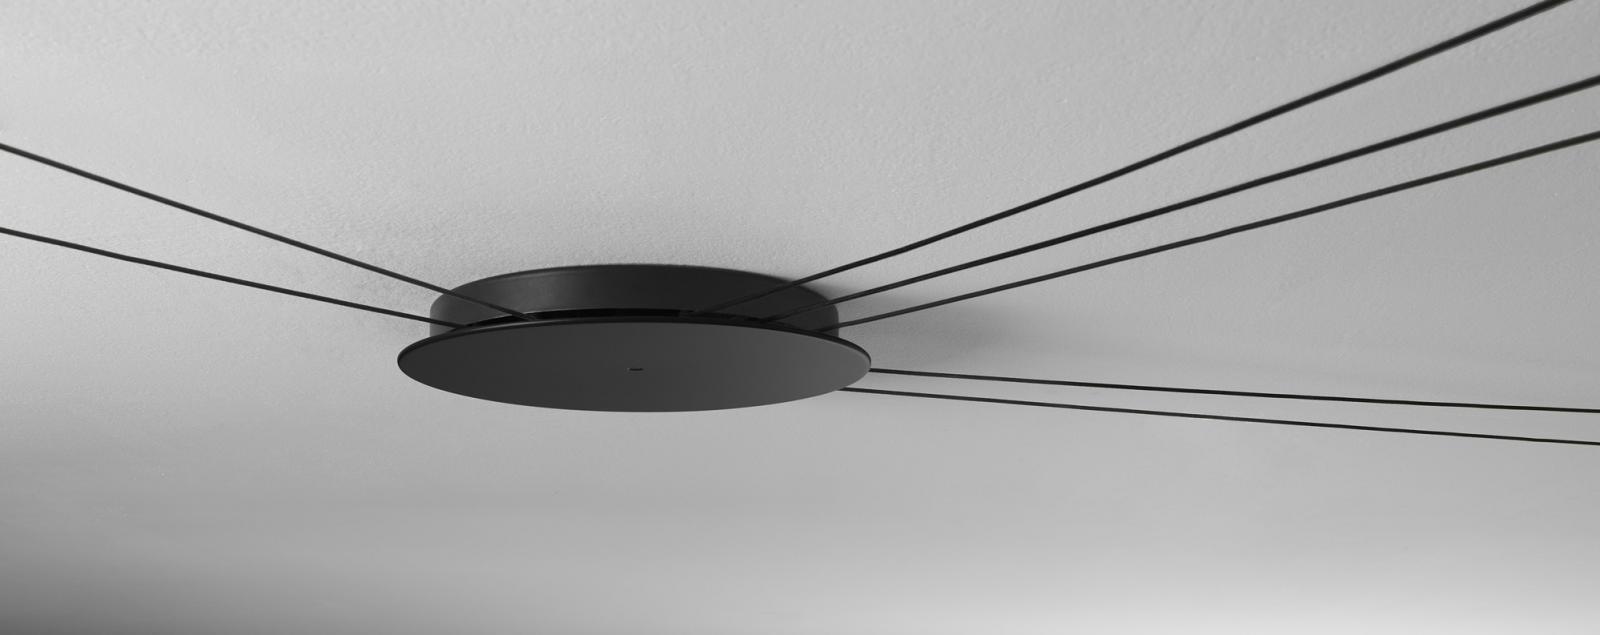 F41 Tripla light system - Fabbian Illuminazione